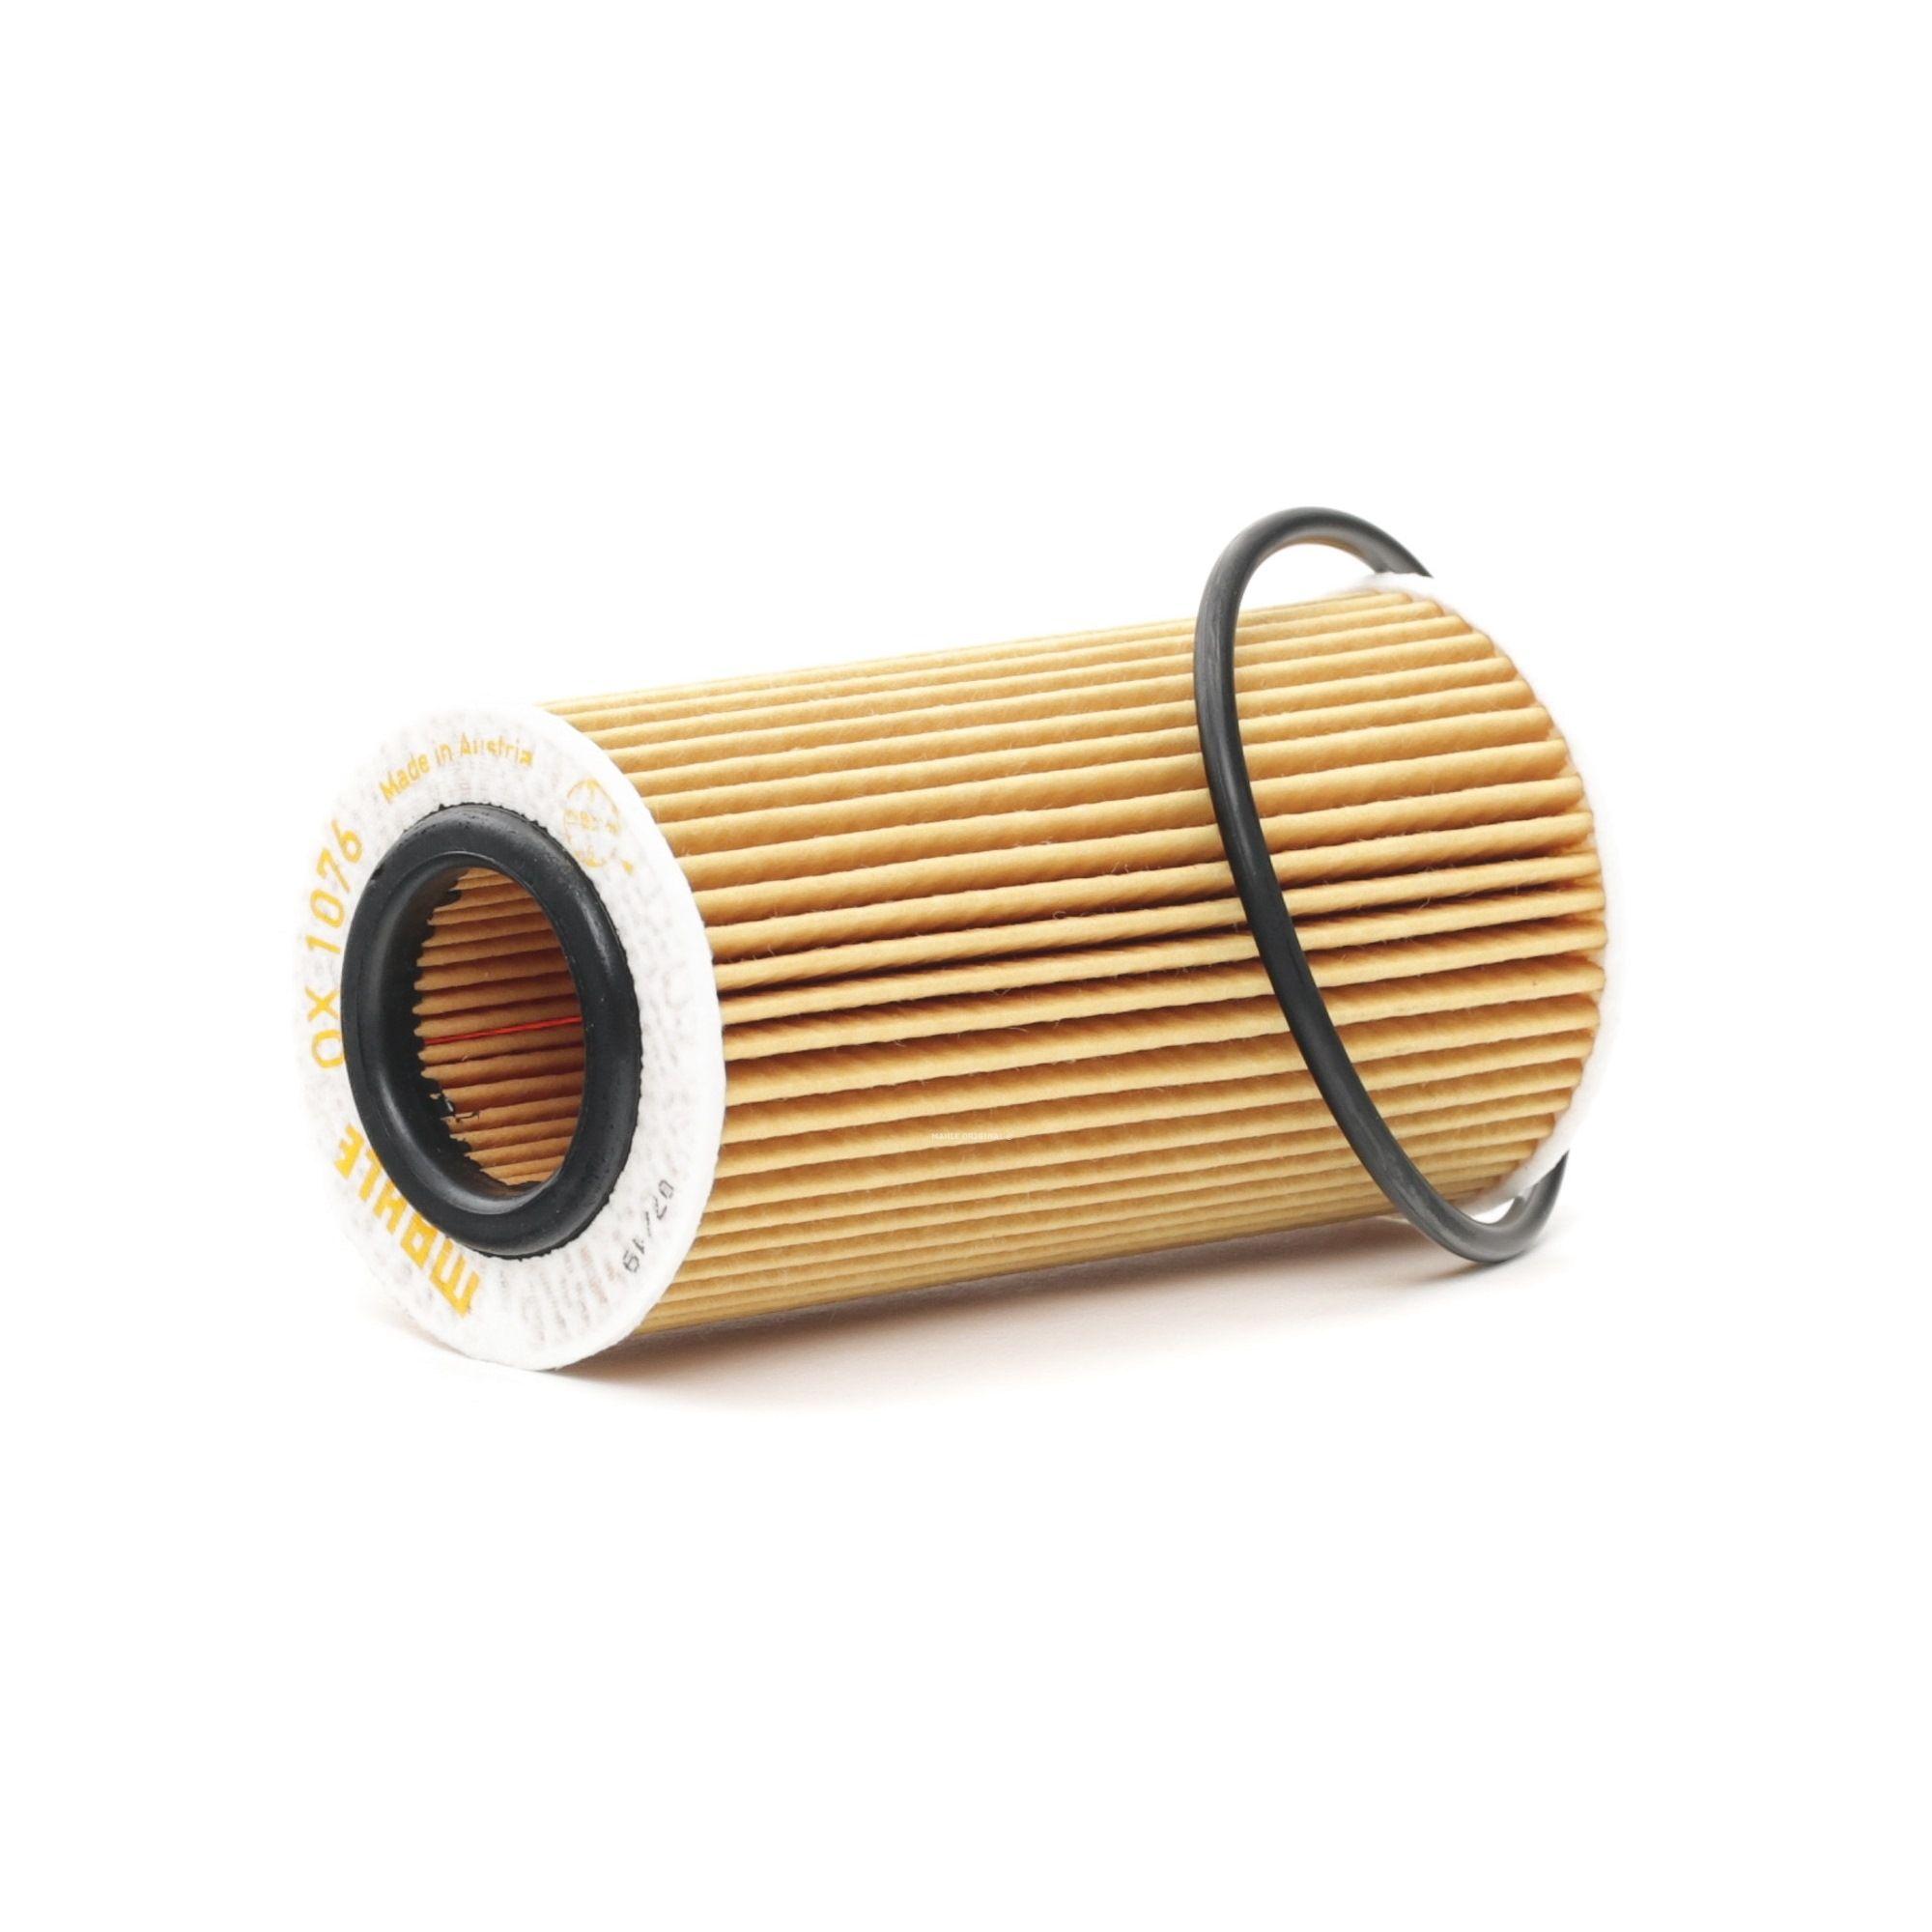 72386216 MAHLE ORIGINAL Filtereinsatz Innendurchmesser 2: 32mm, Ø: 63,5mm, Ø: 63,5mm, Höhe: 123mm, Höhe 1: 119mm Ölfilter OX 1076D günstig kaufen